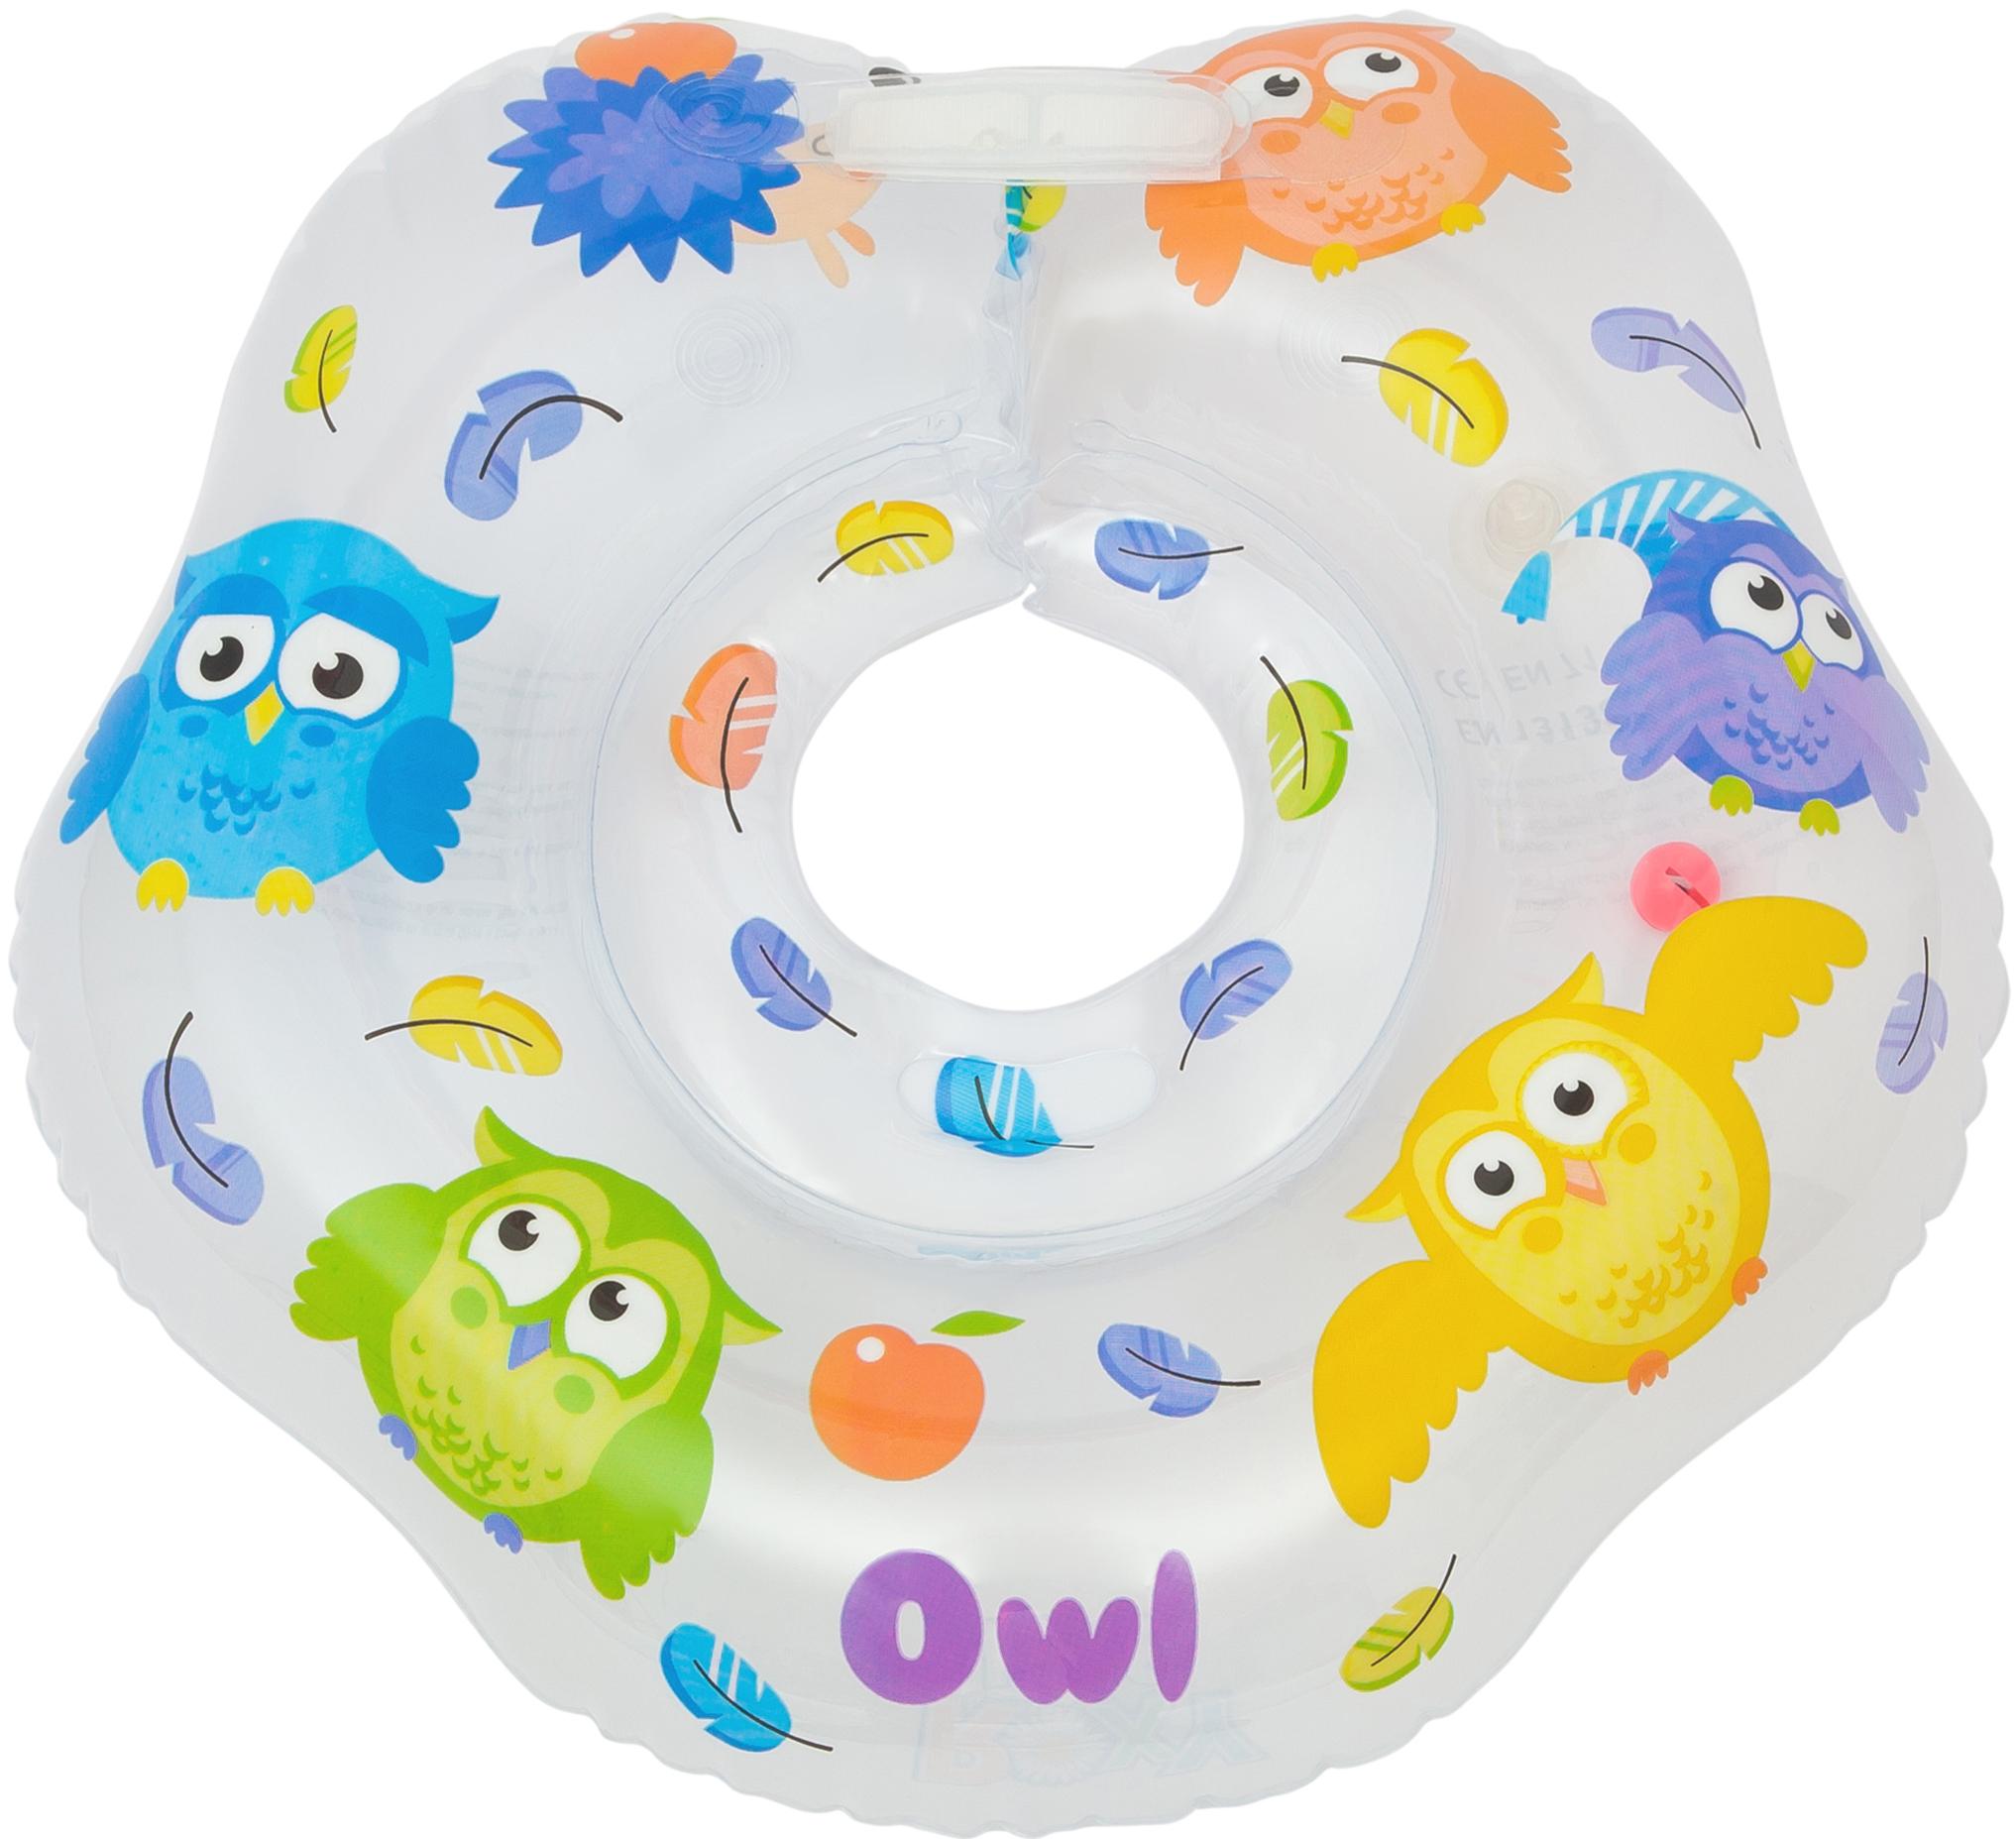 Круг для купания на шею Roxy-kids Owl RN-002 roxy kids круг на шею flipper fl001 для купания малышей 0 roxy kids